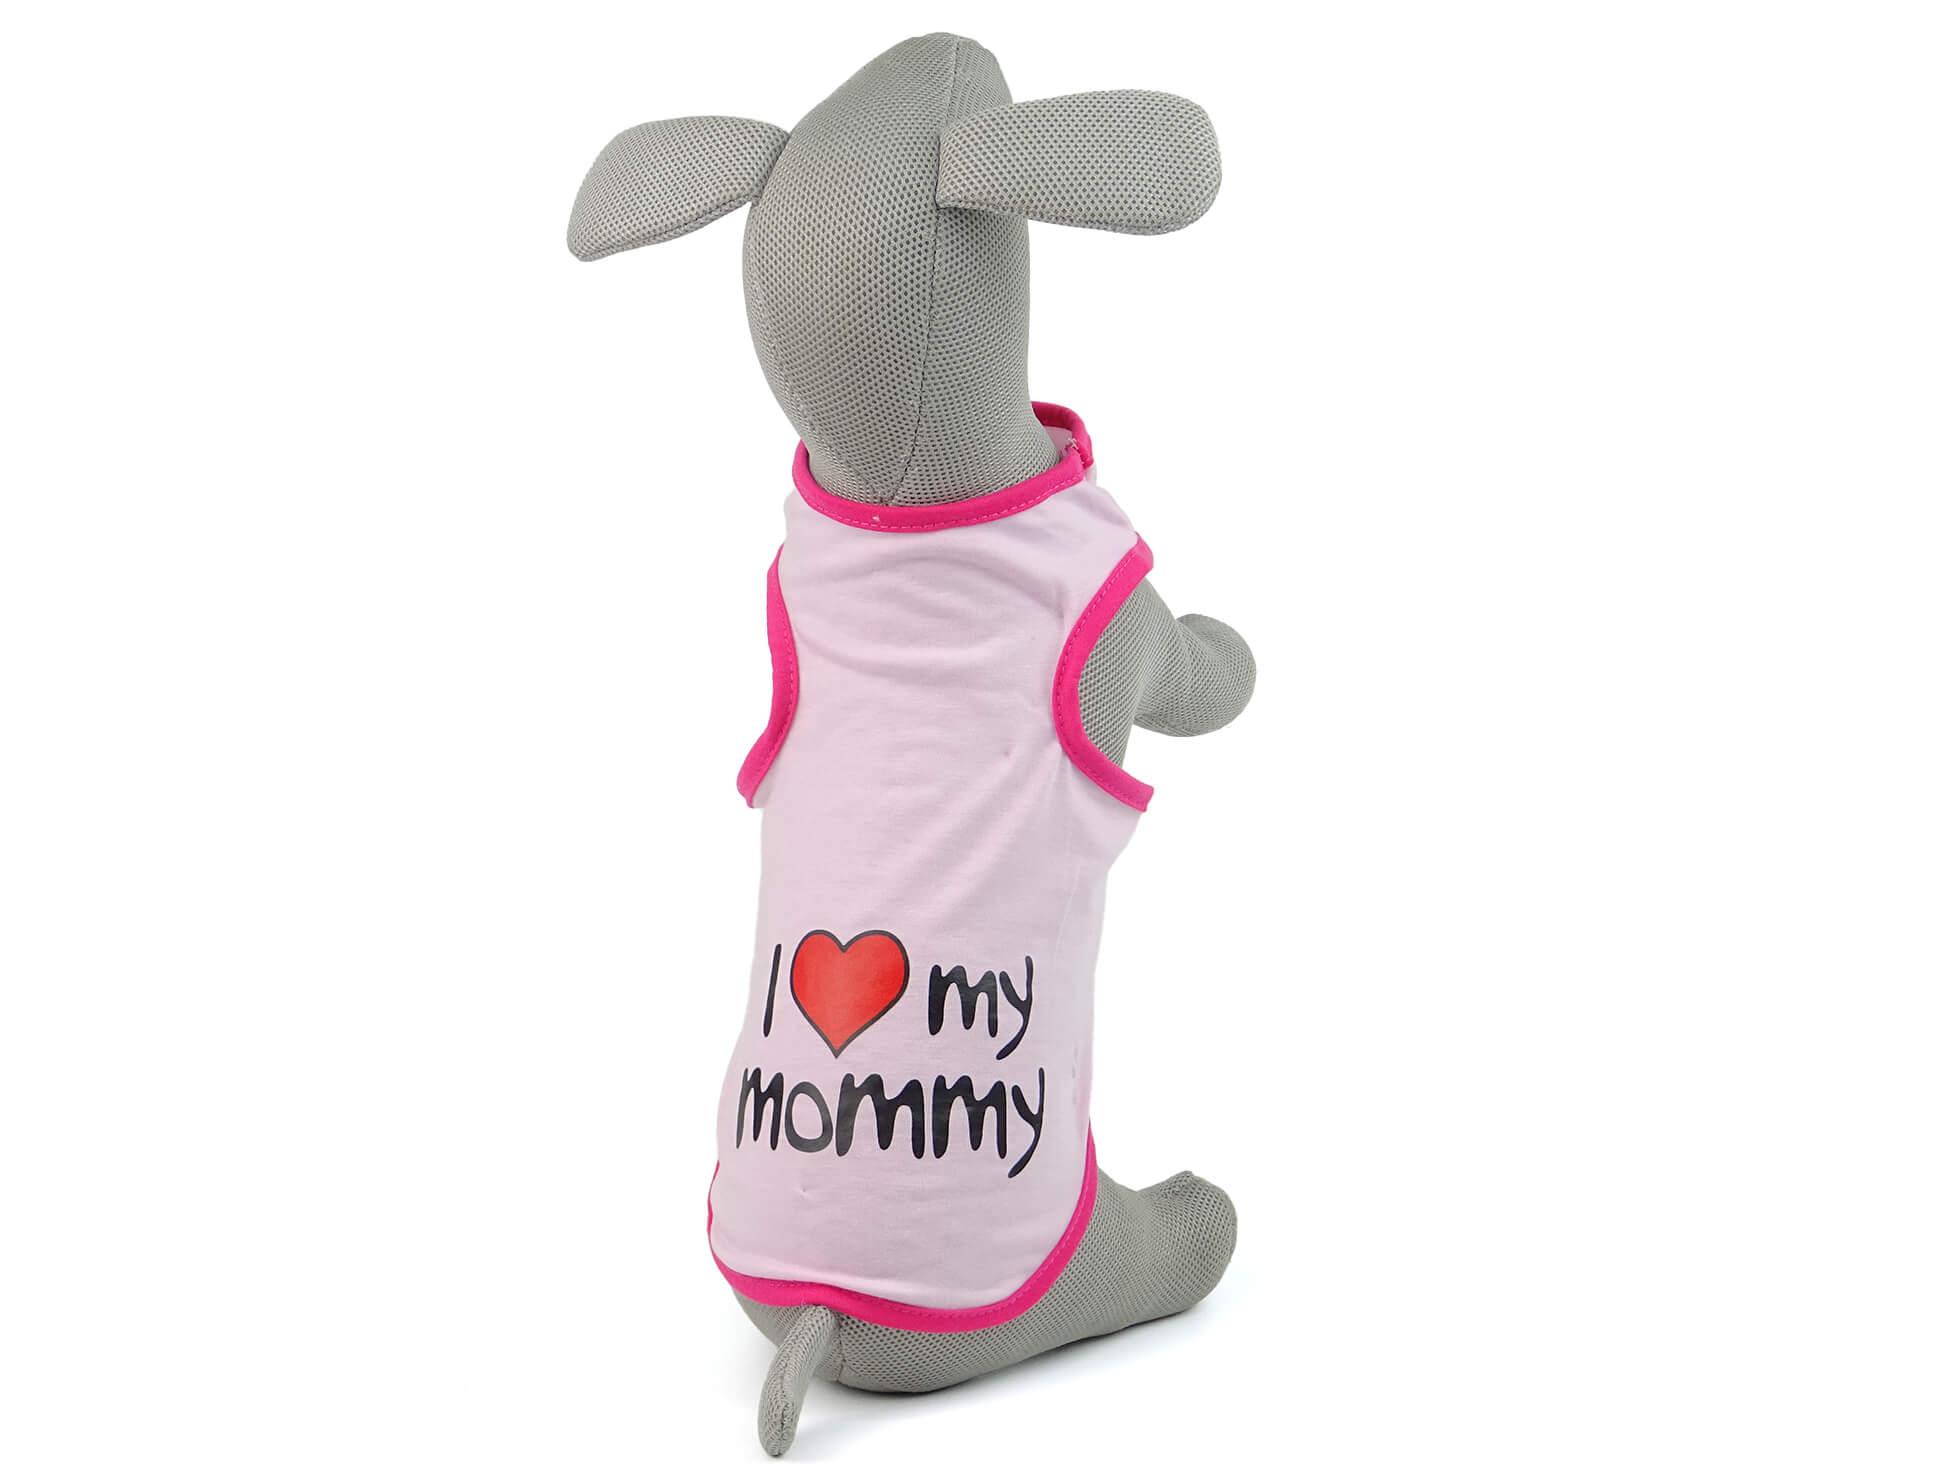 Levně Vsepropejska Mommy letní tričko pro psa Barva: Růžová, Délka zad psa: 21 cm, Obvod hrudníku: 30 - 33 cm